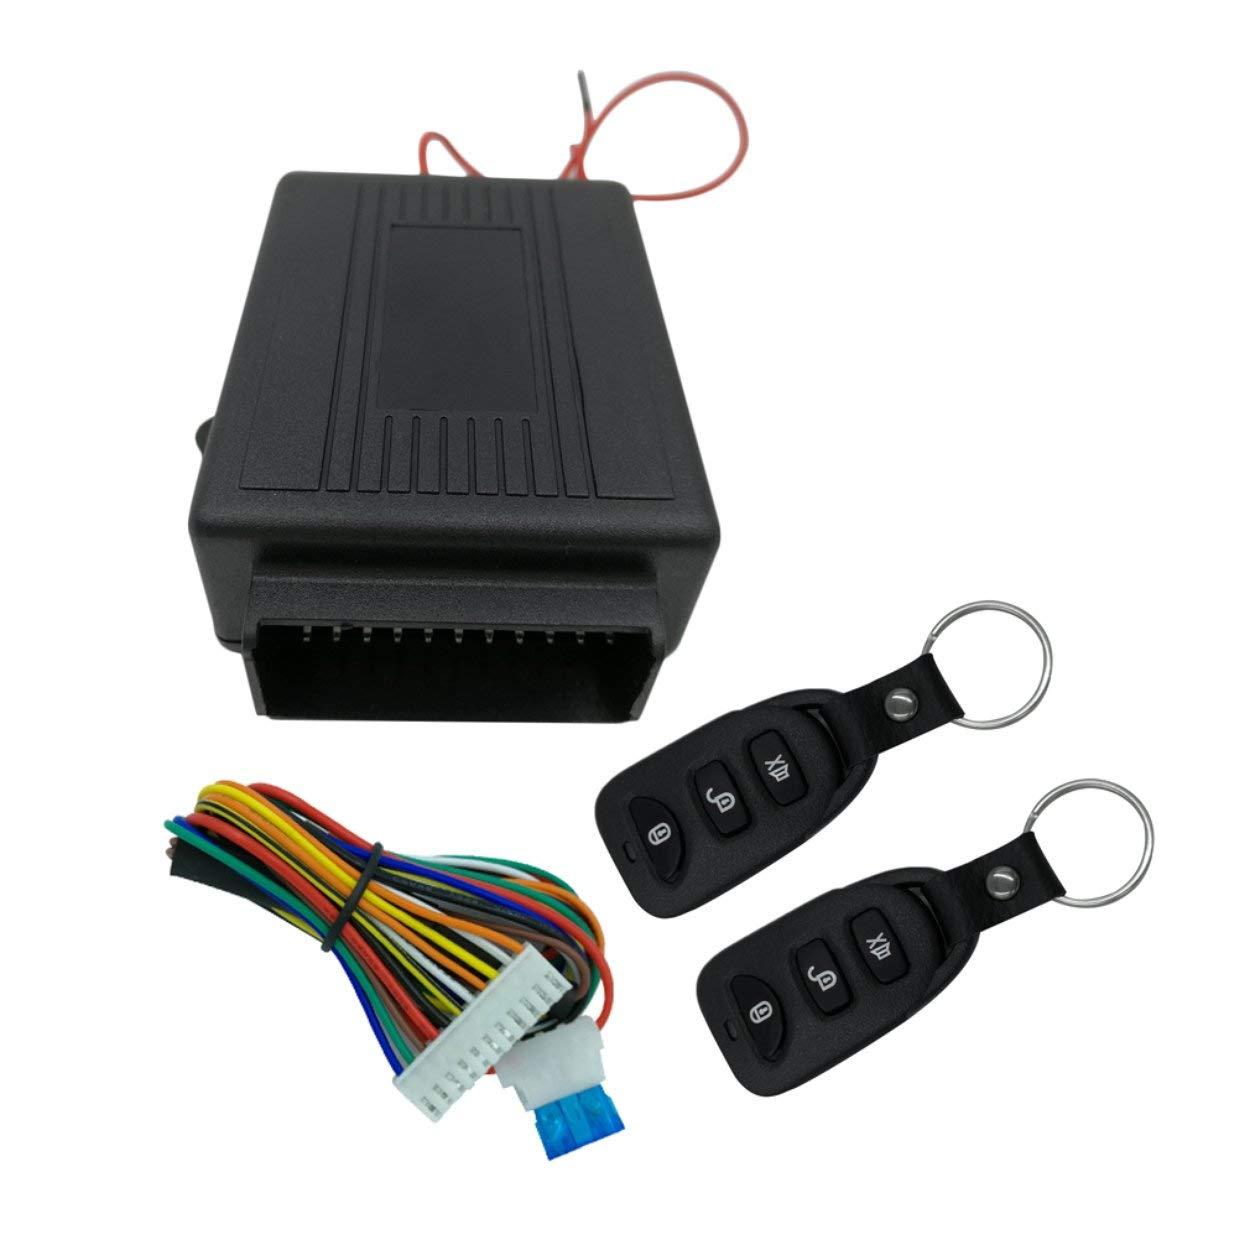 Lorenlli Universal Portable DC 12 ± 3V Voiture Télécommande Serrure de Porte Centrale Verrouillage Automatique après Avoir quitté Le système d'entrée sans clé